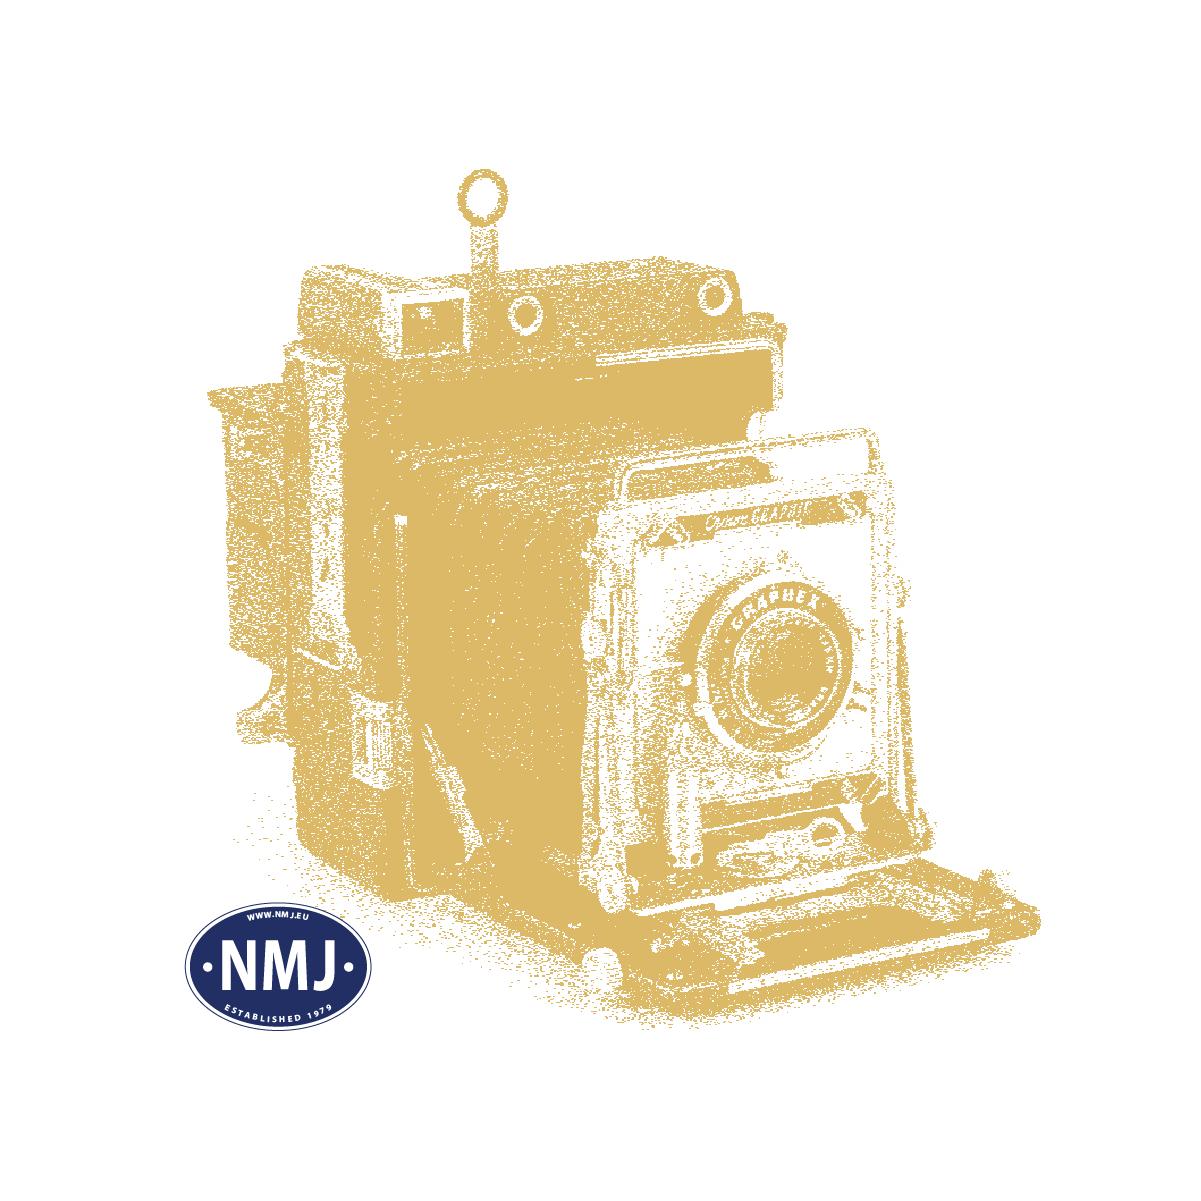 NMJH16106 - NMJ Skyline Rasoverbygg, Trebyggesett